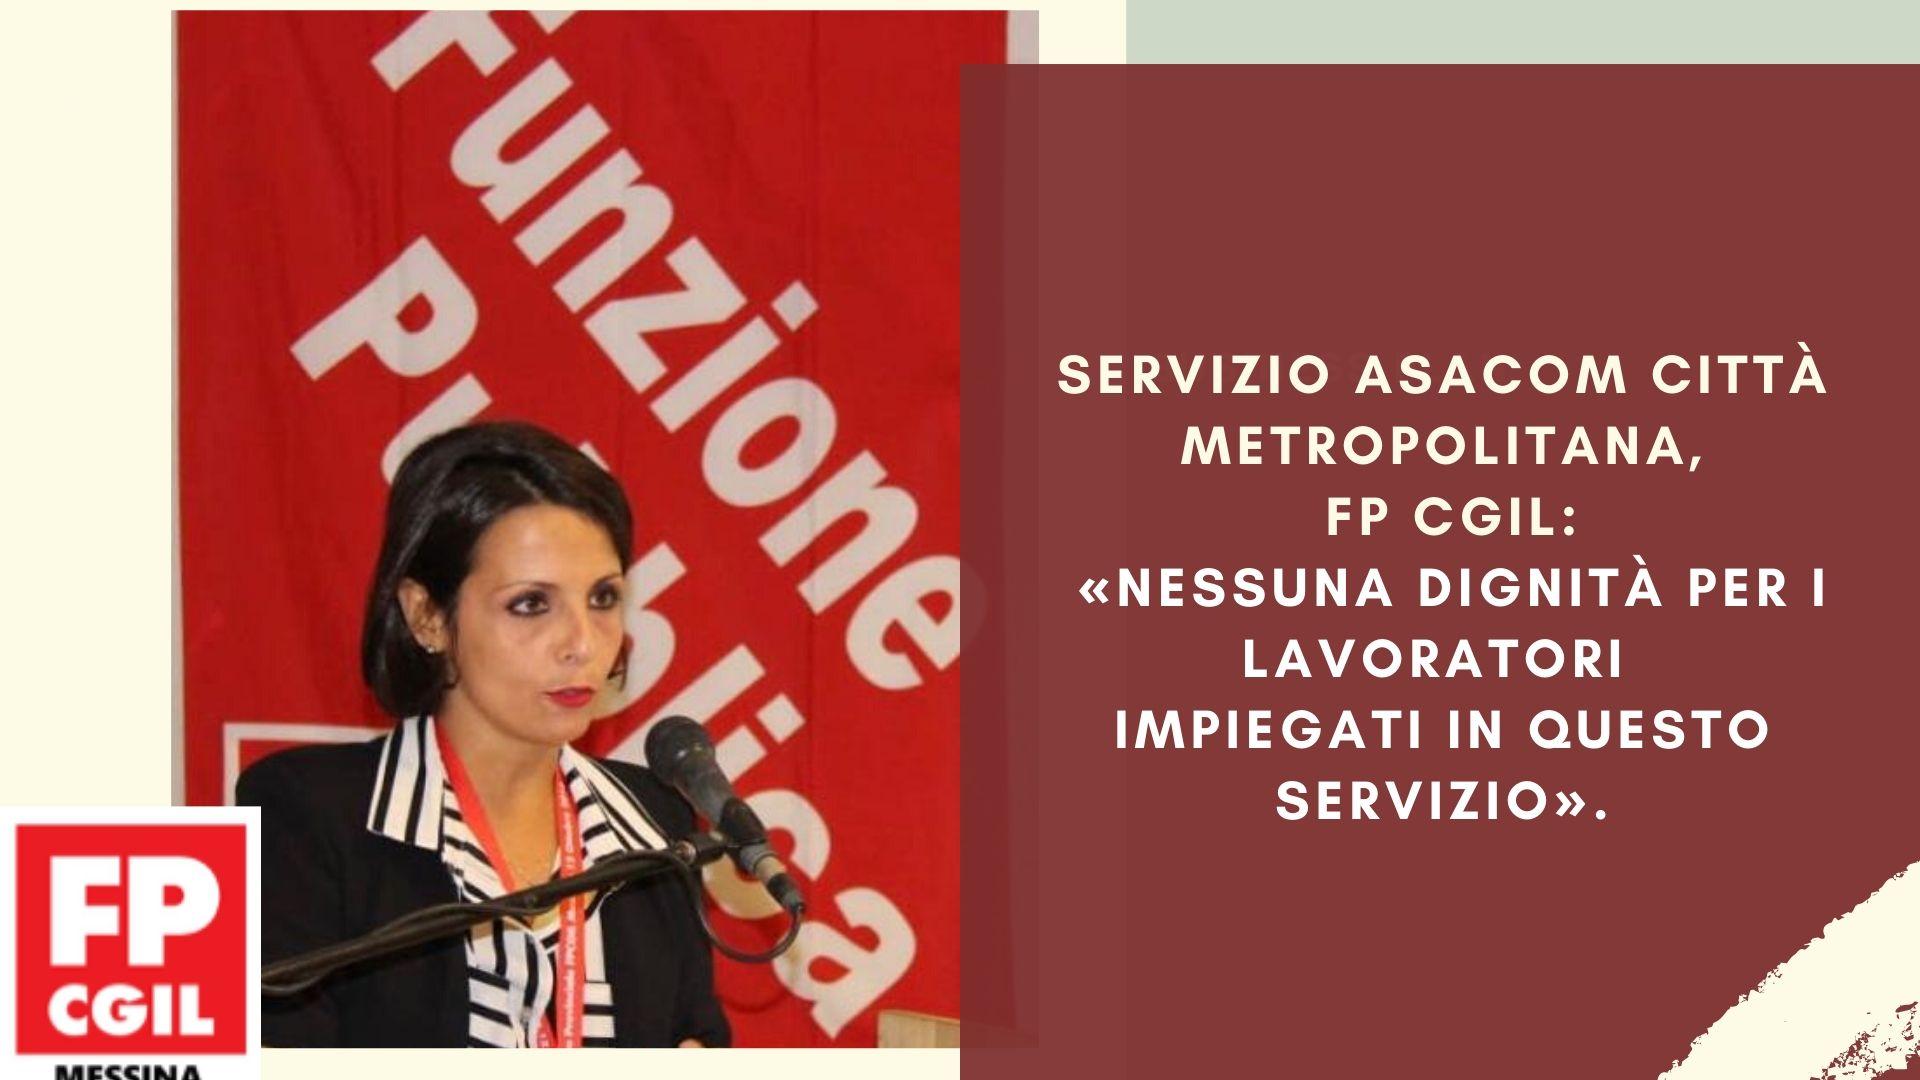 Servizio Asacom Città Metropolitana, FP CGIL: «Nessuna dignità per i lavoratori impiegati in questo servizio».